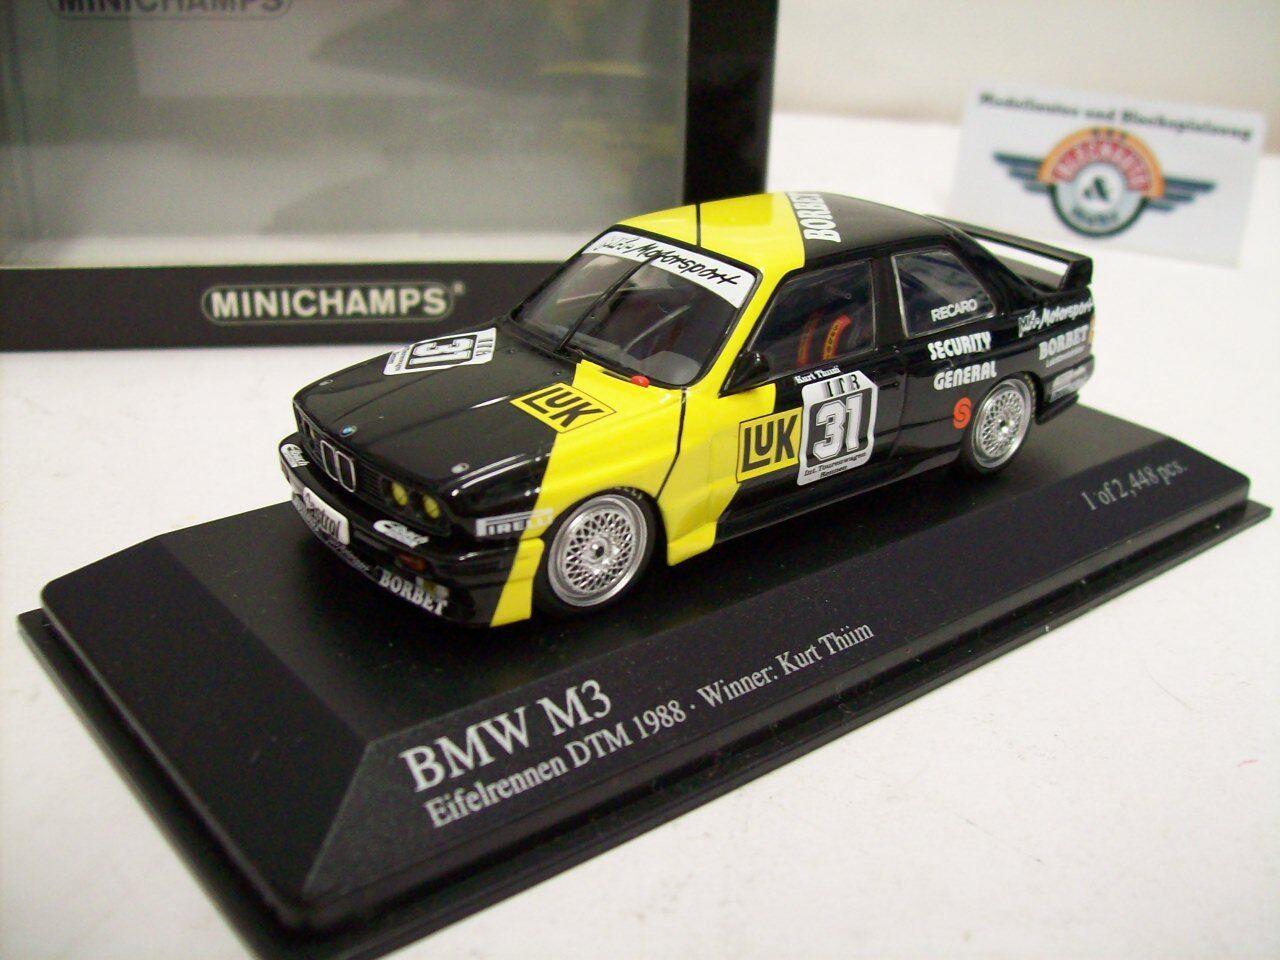 BMW m3    e30   31  LUK  DTM 1988, Kurt Thiim, Minichamps 1:43, OVP cdf0e9